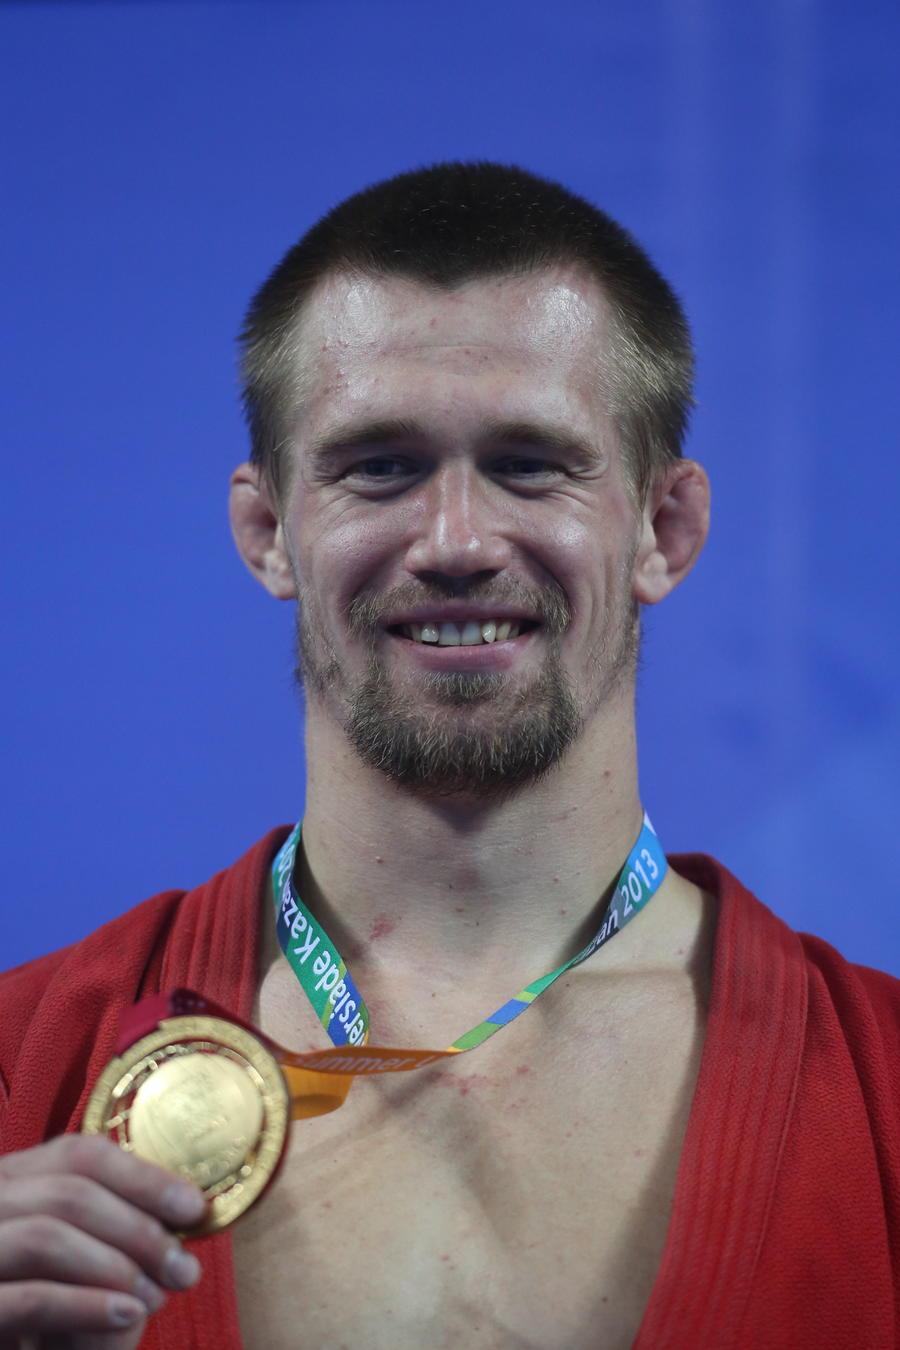 Сборная России завоевала сотую золотую медаль на Универсиаде в Казани